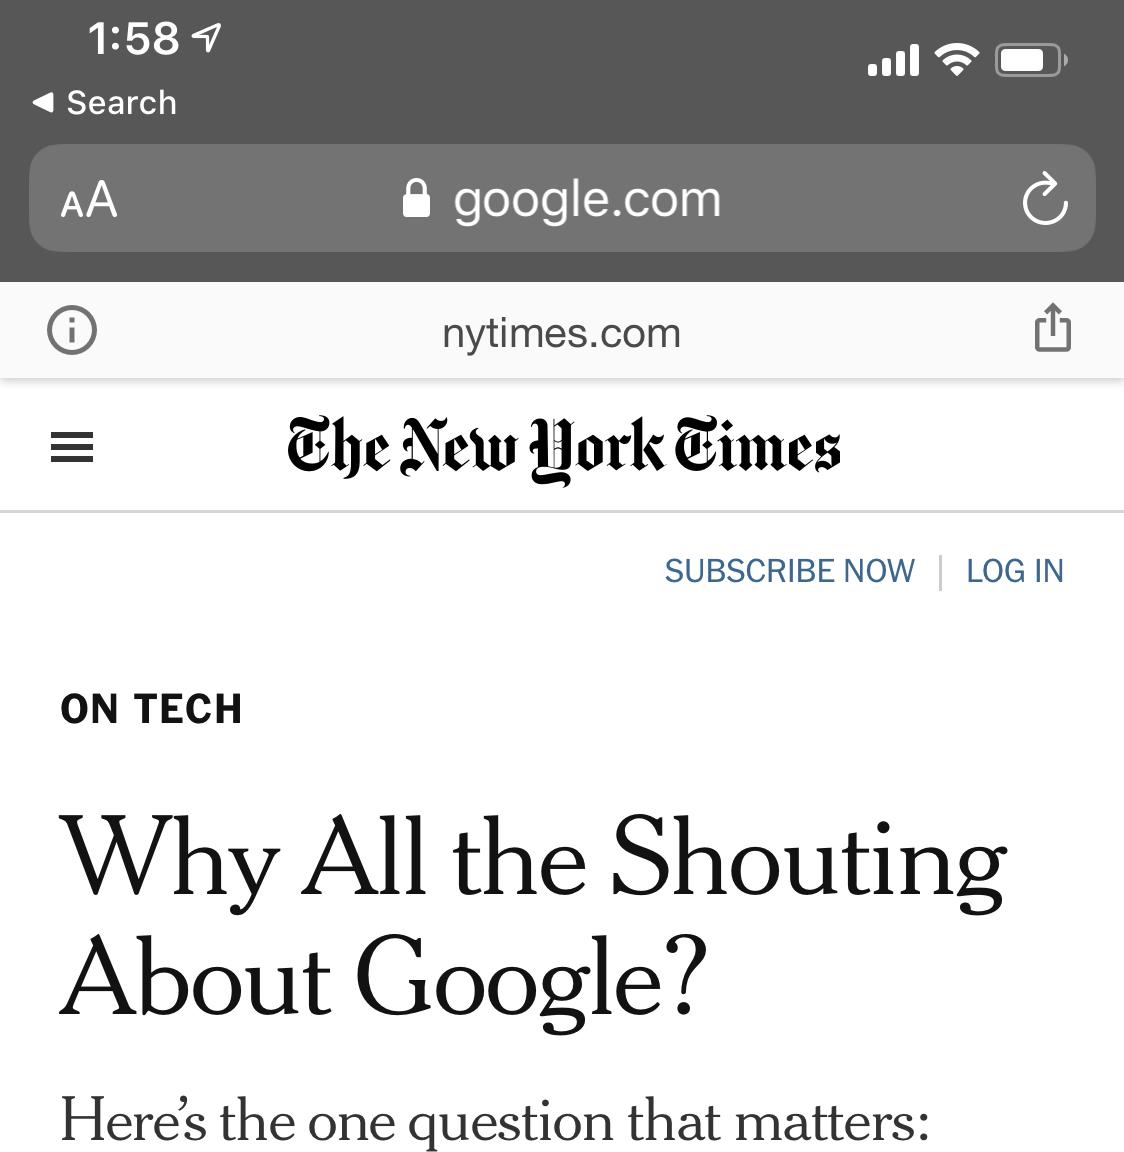 """Zrzut ekranu z przeglądarki internetowej na smartfonie. W pasku adresu widać """"google.com"""", ale strona wygląda jak The New York Times"""